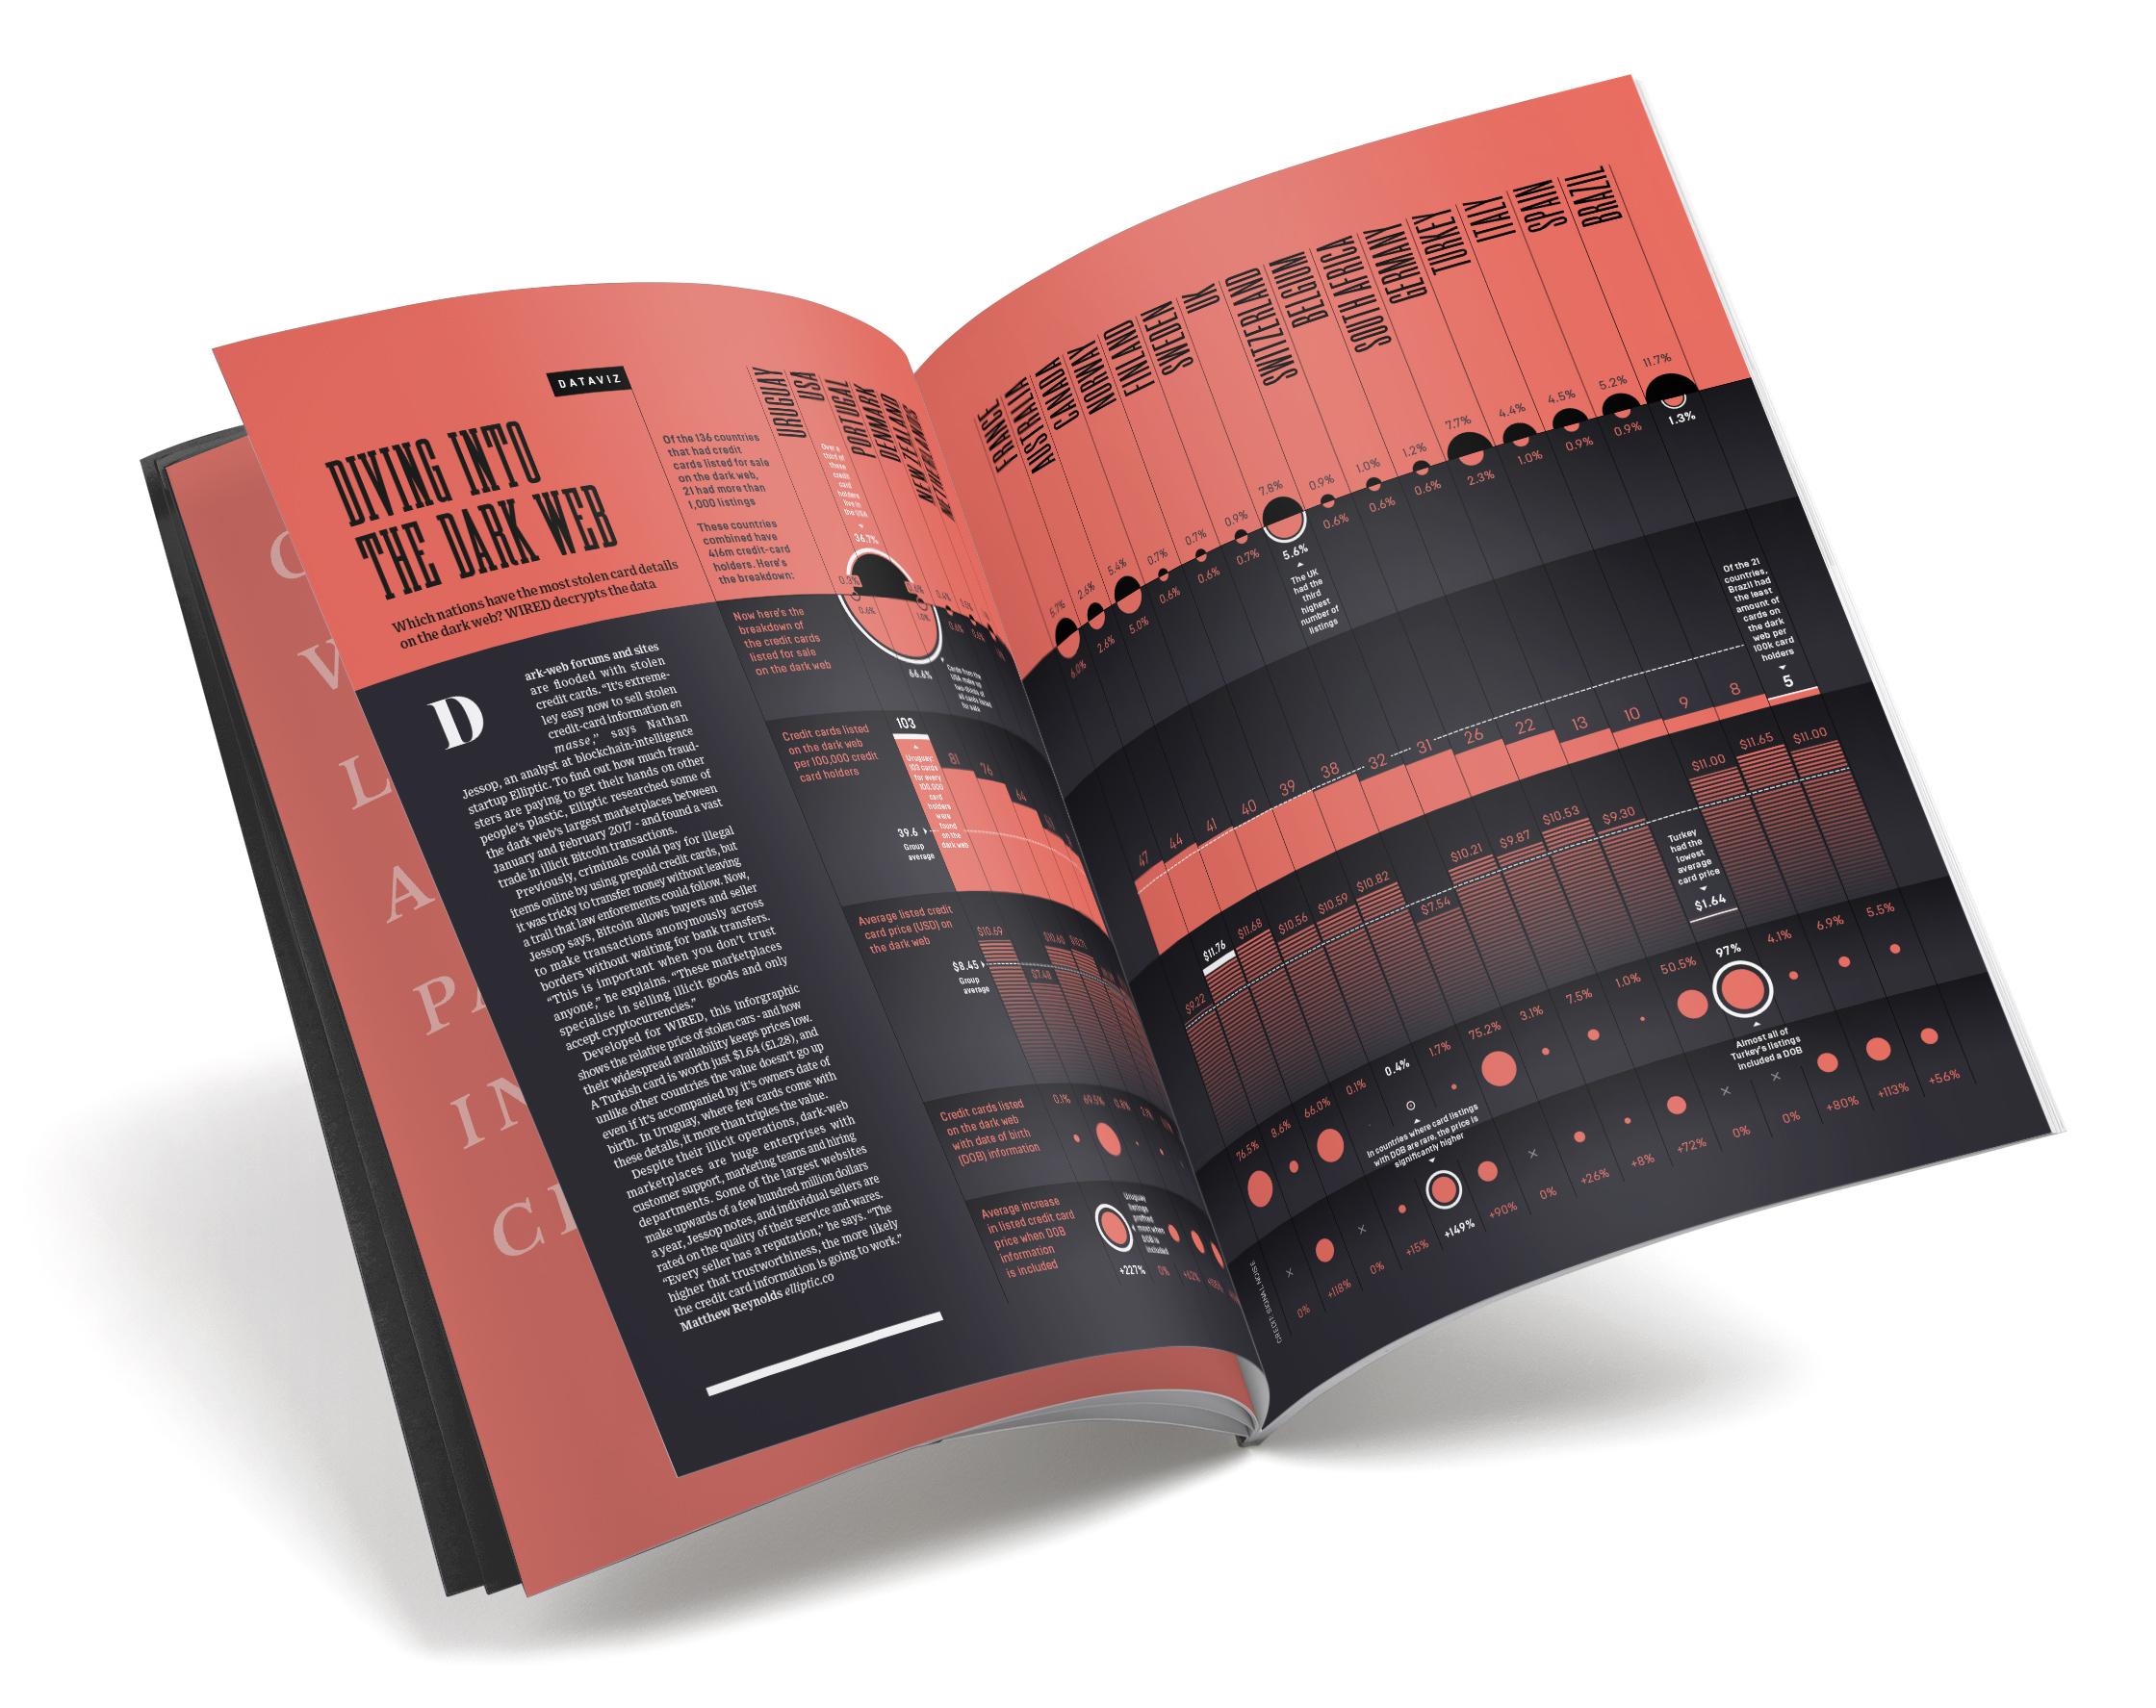 Tilted-Cropped-Magazine-MockUp.jpg